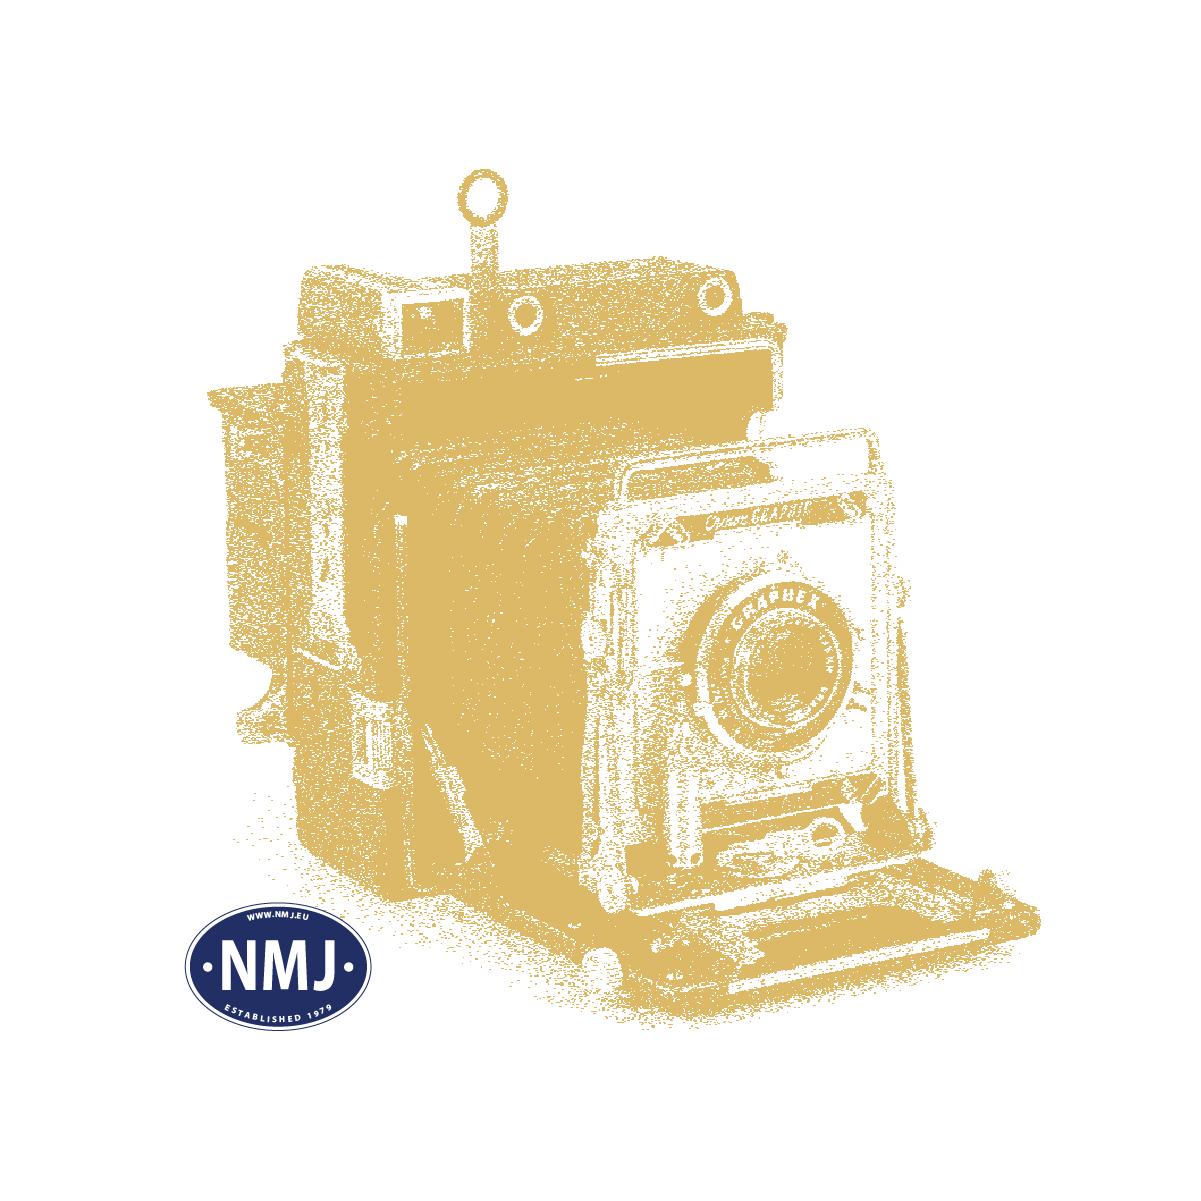 NMJT107.101 - NMJ Topline NSB B3-2 25572 Gammeldesign